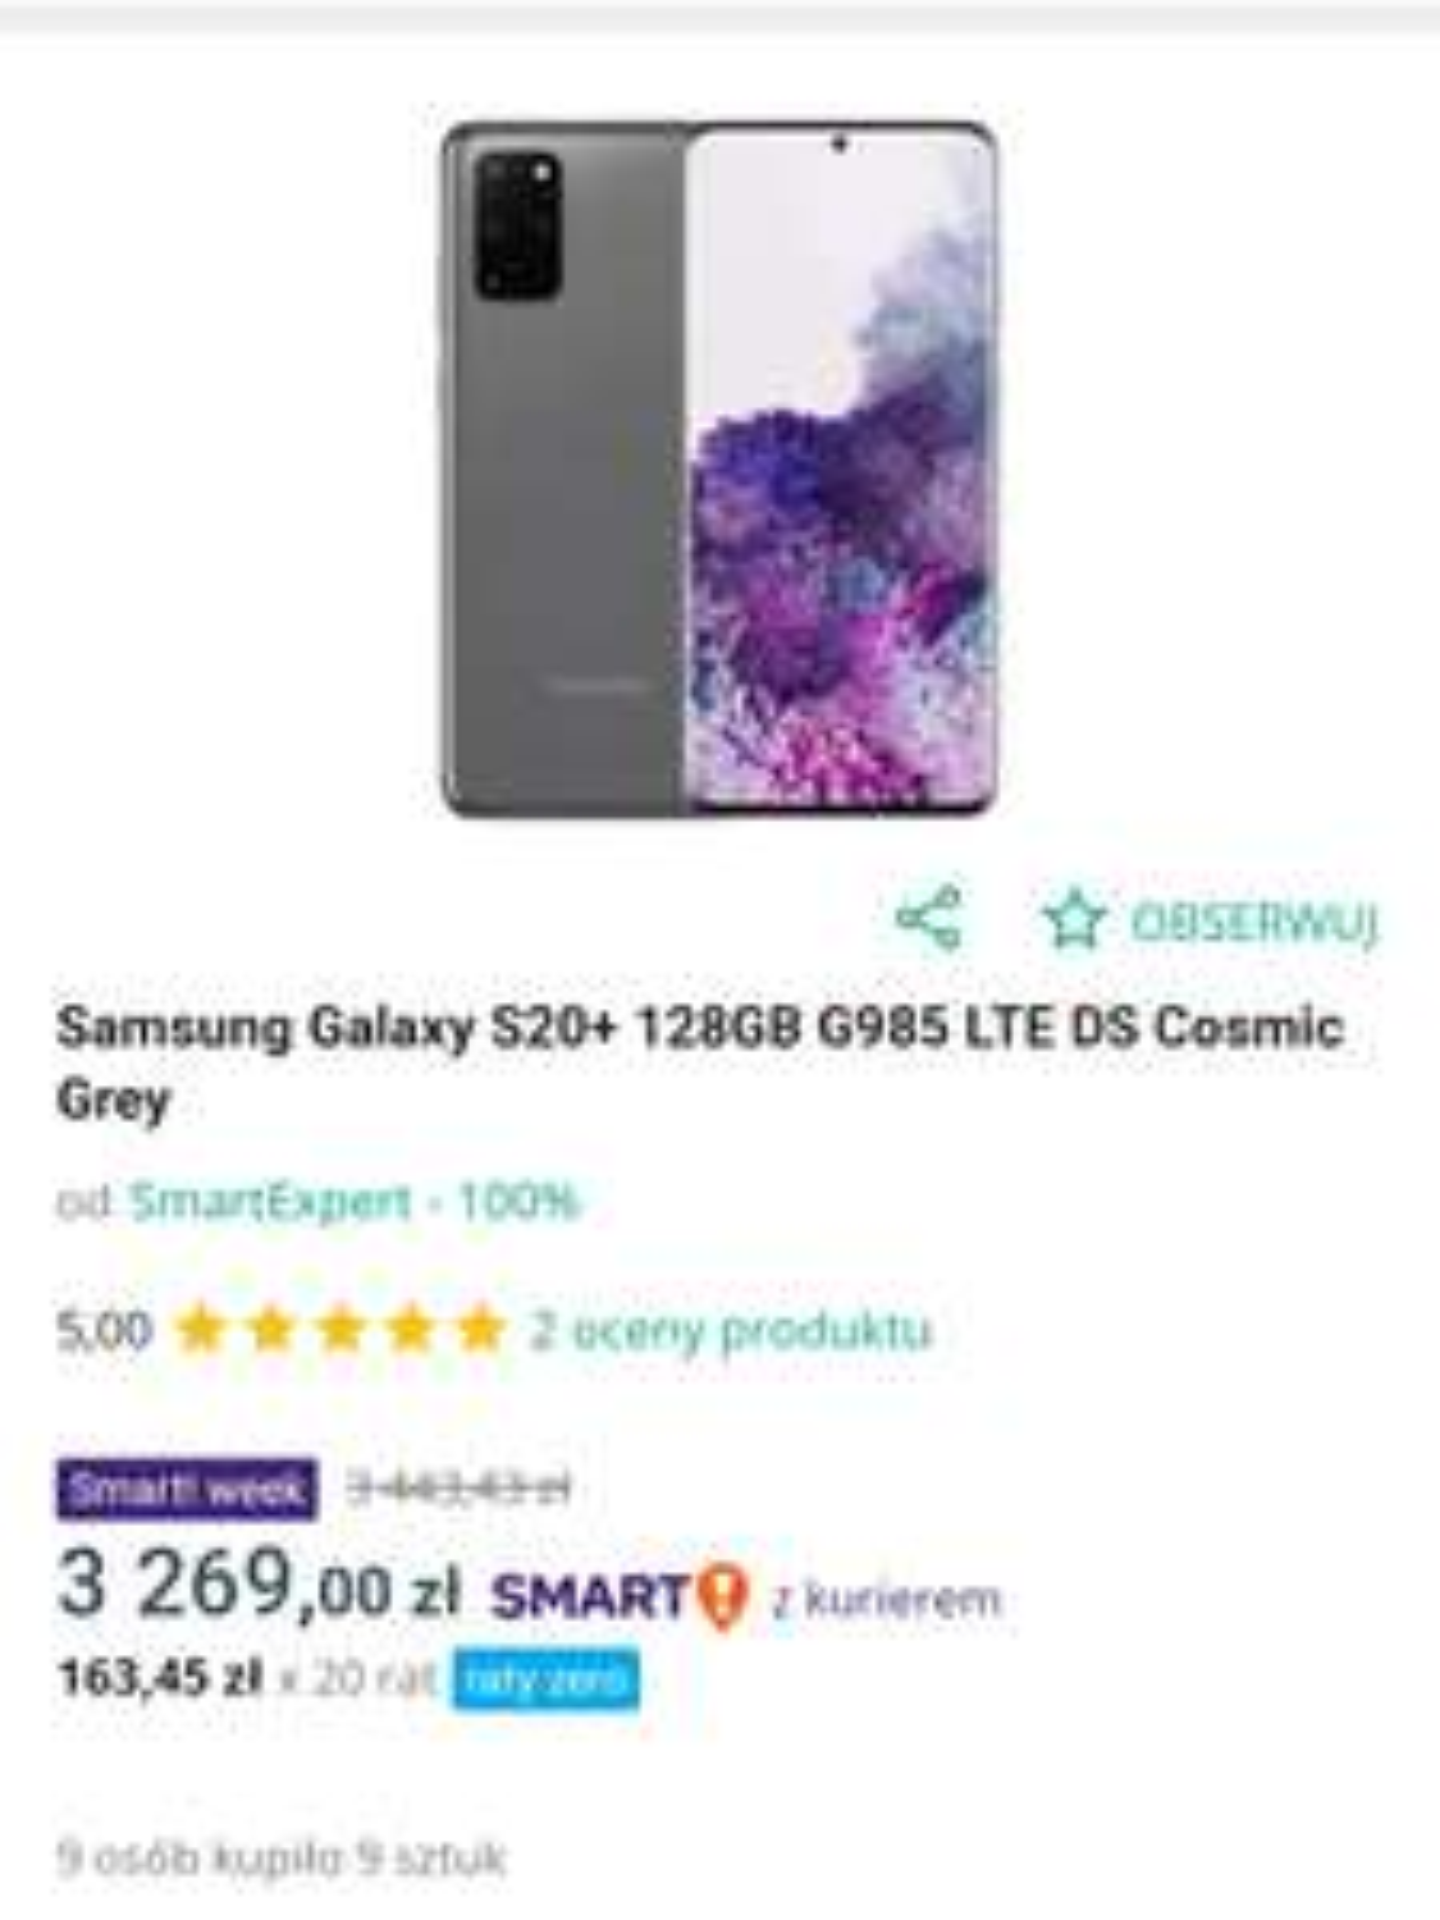 Samsung galaxy s20 plus 4G Cosmic grey